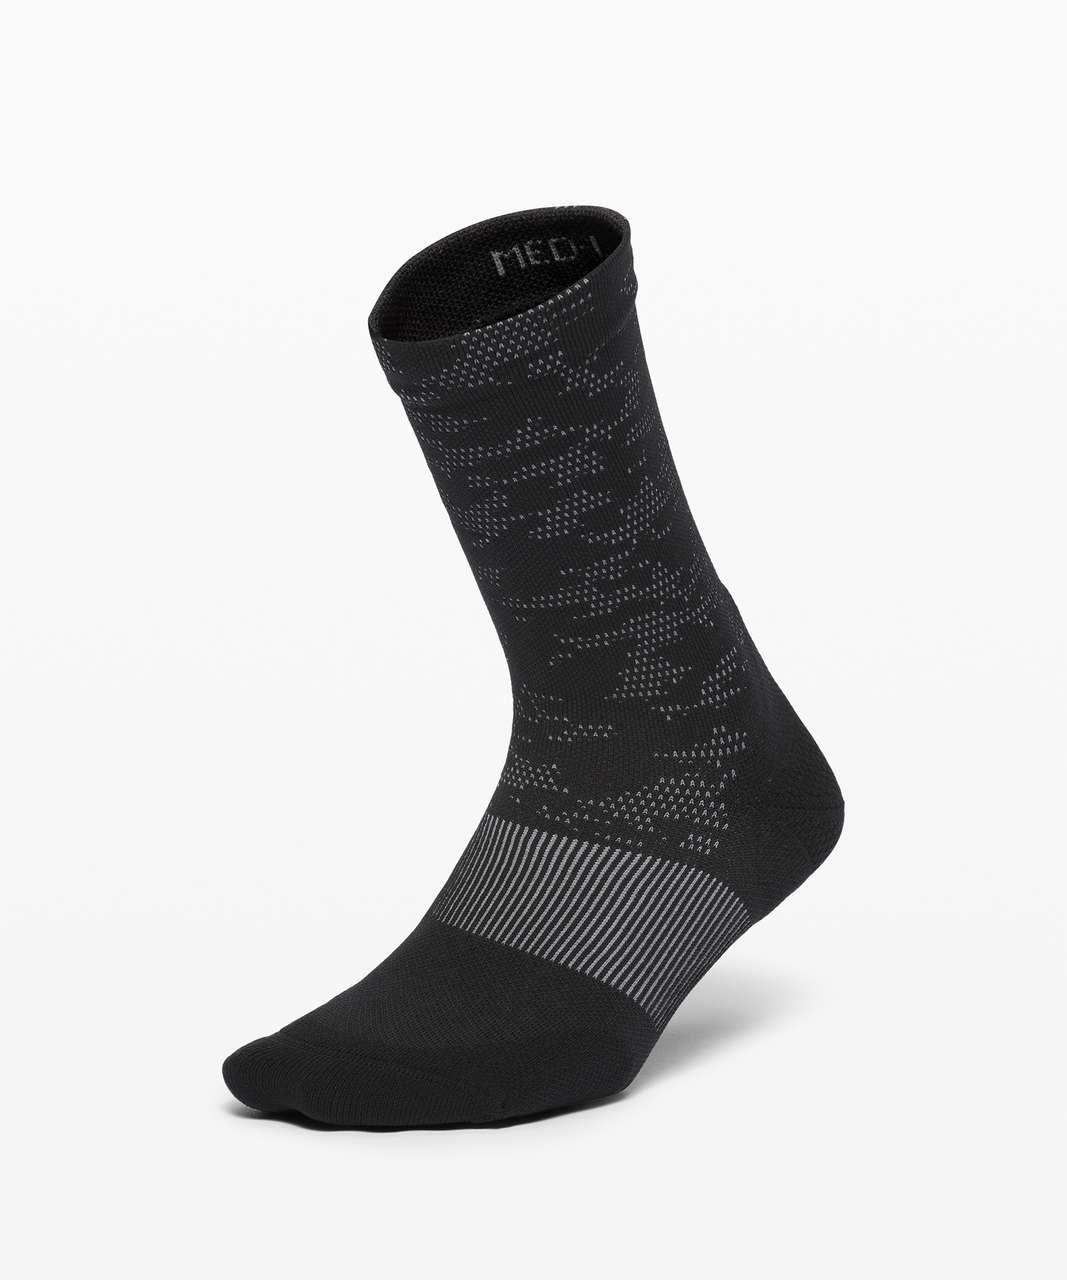 Lululemon Power Stride Crew Sock *Camo - Black